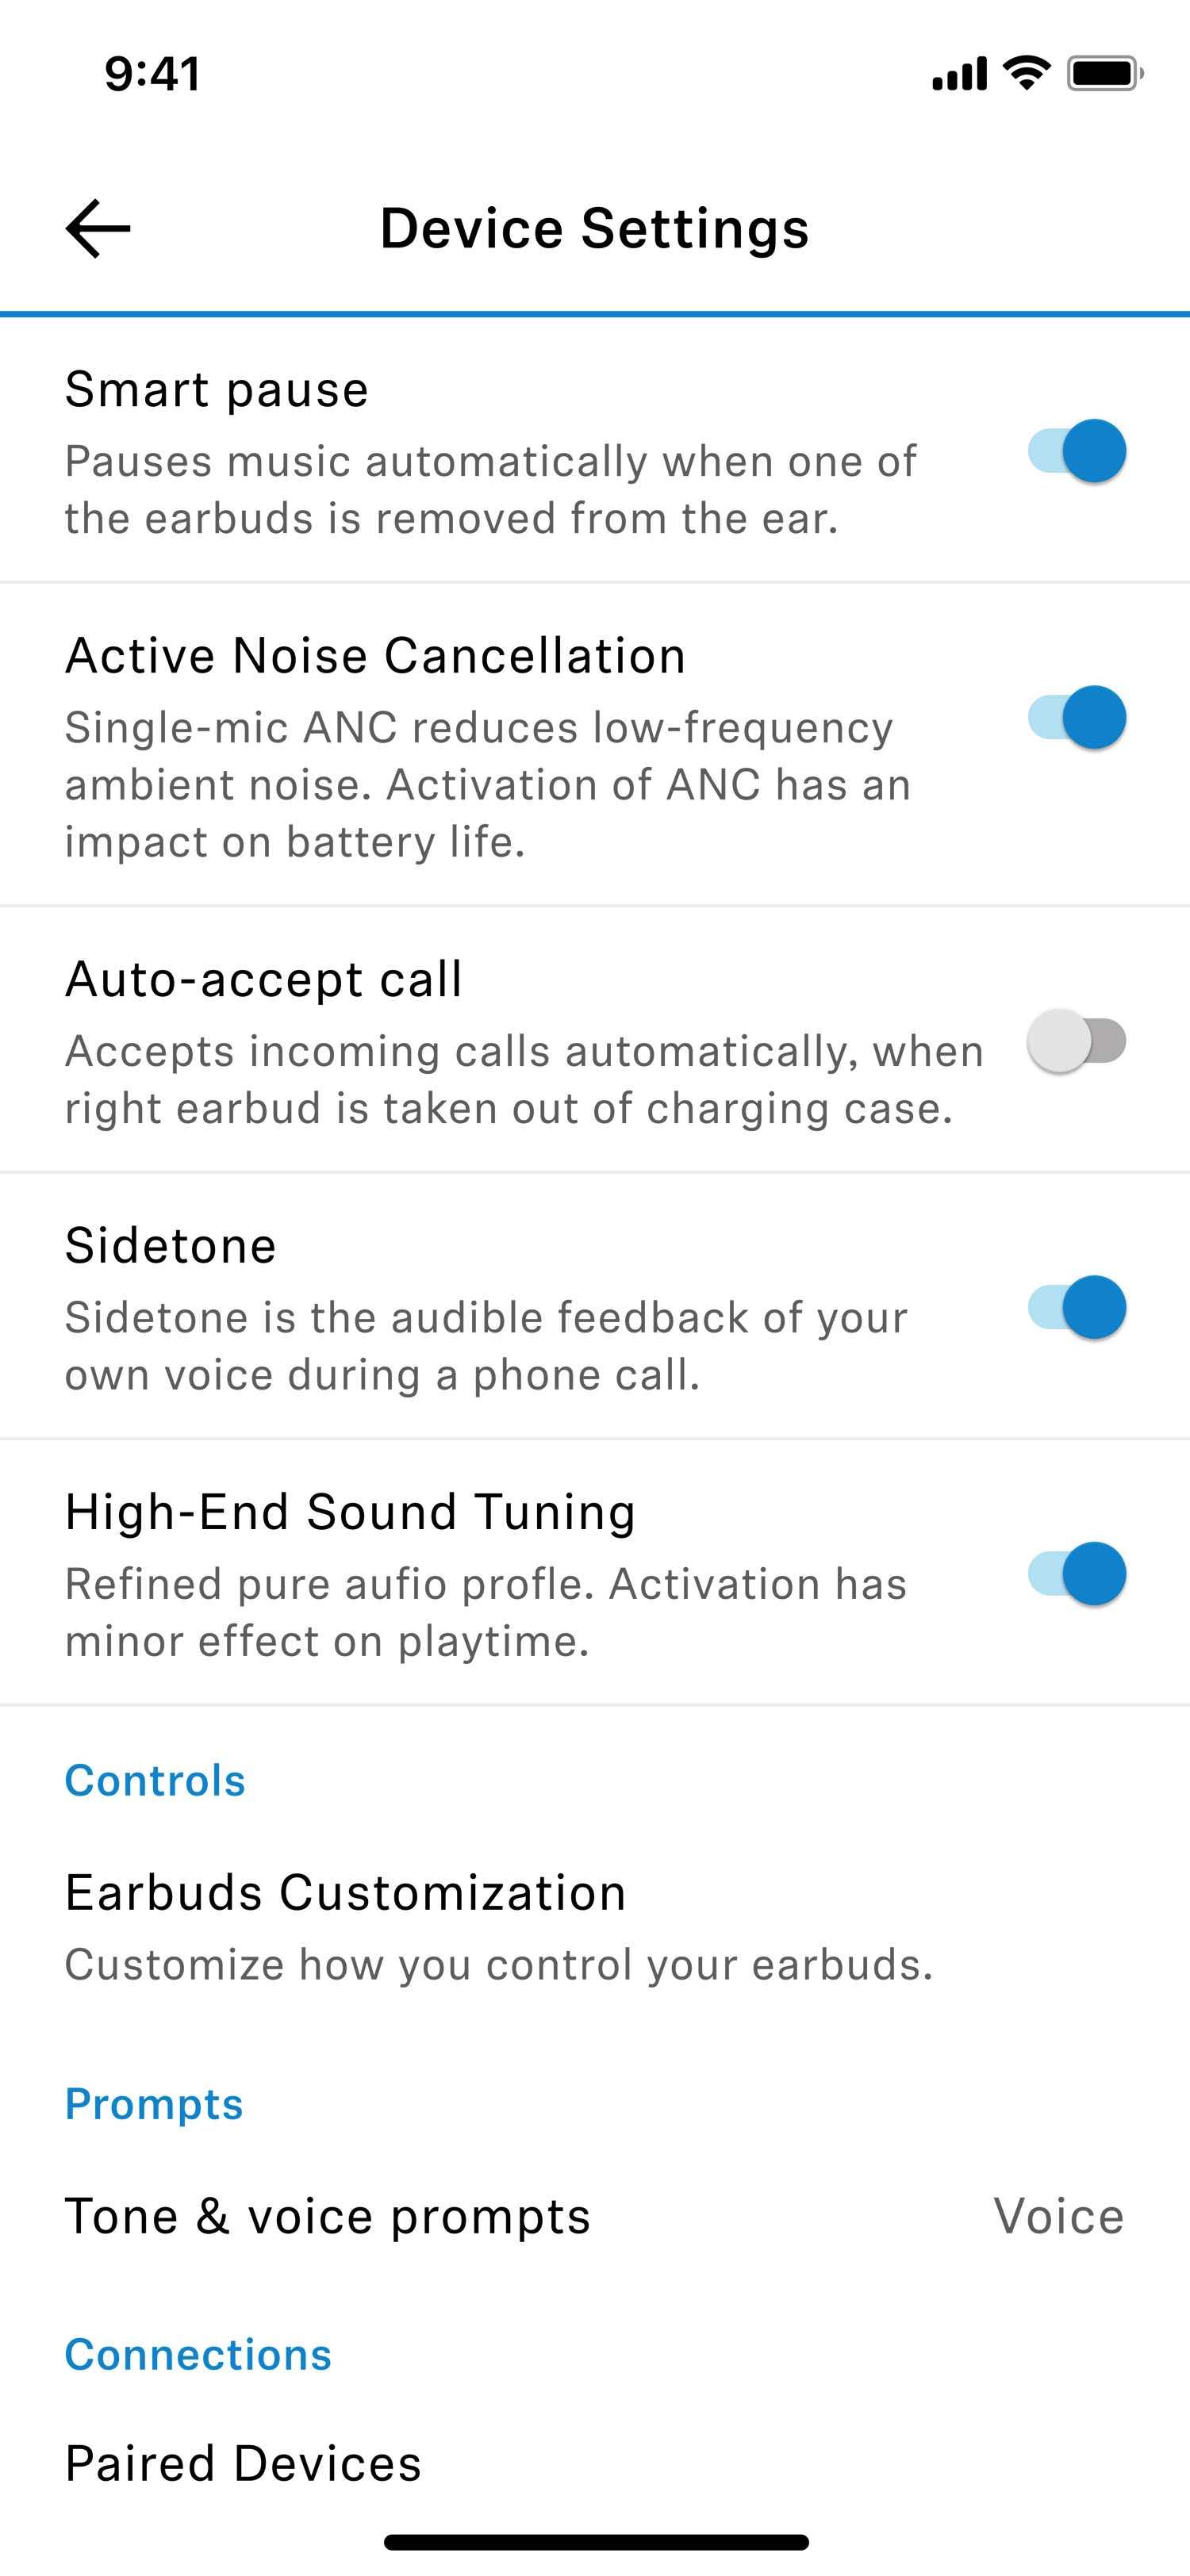 TWII settings